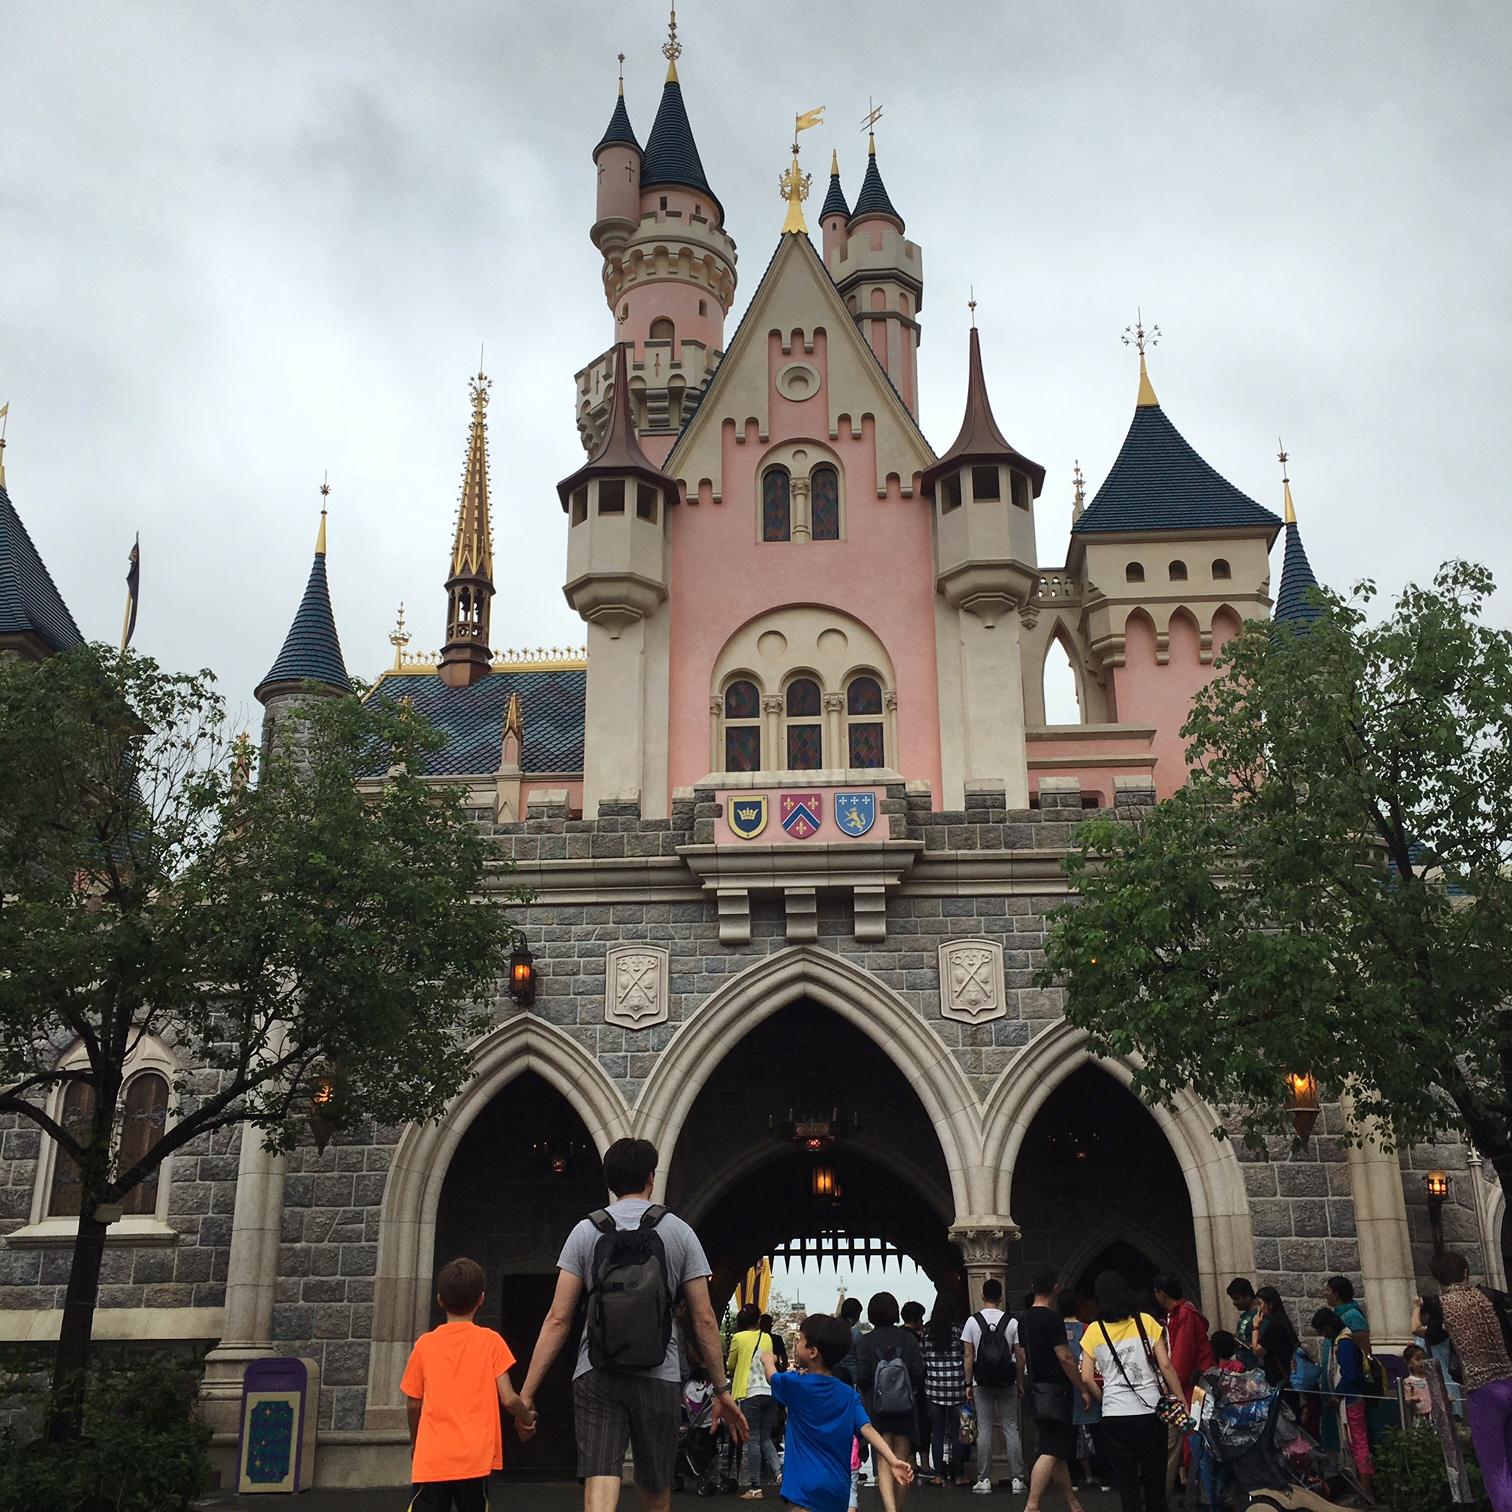 Hong Kong: Why Hong Kong Disneyland Might Be A Good Idea For Your